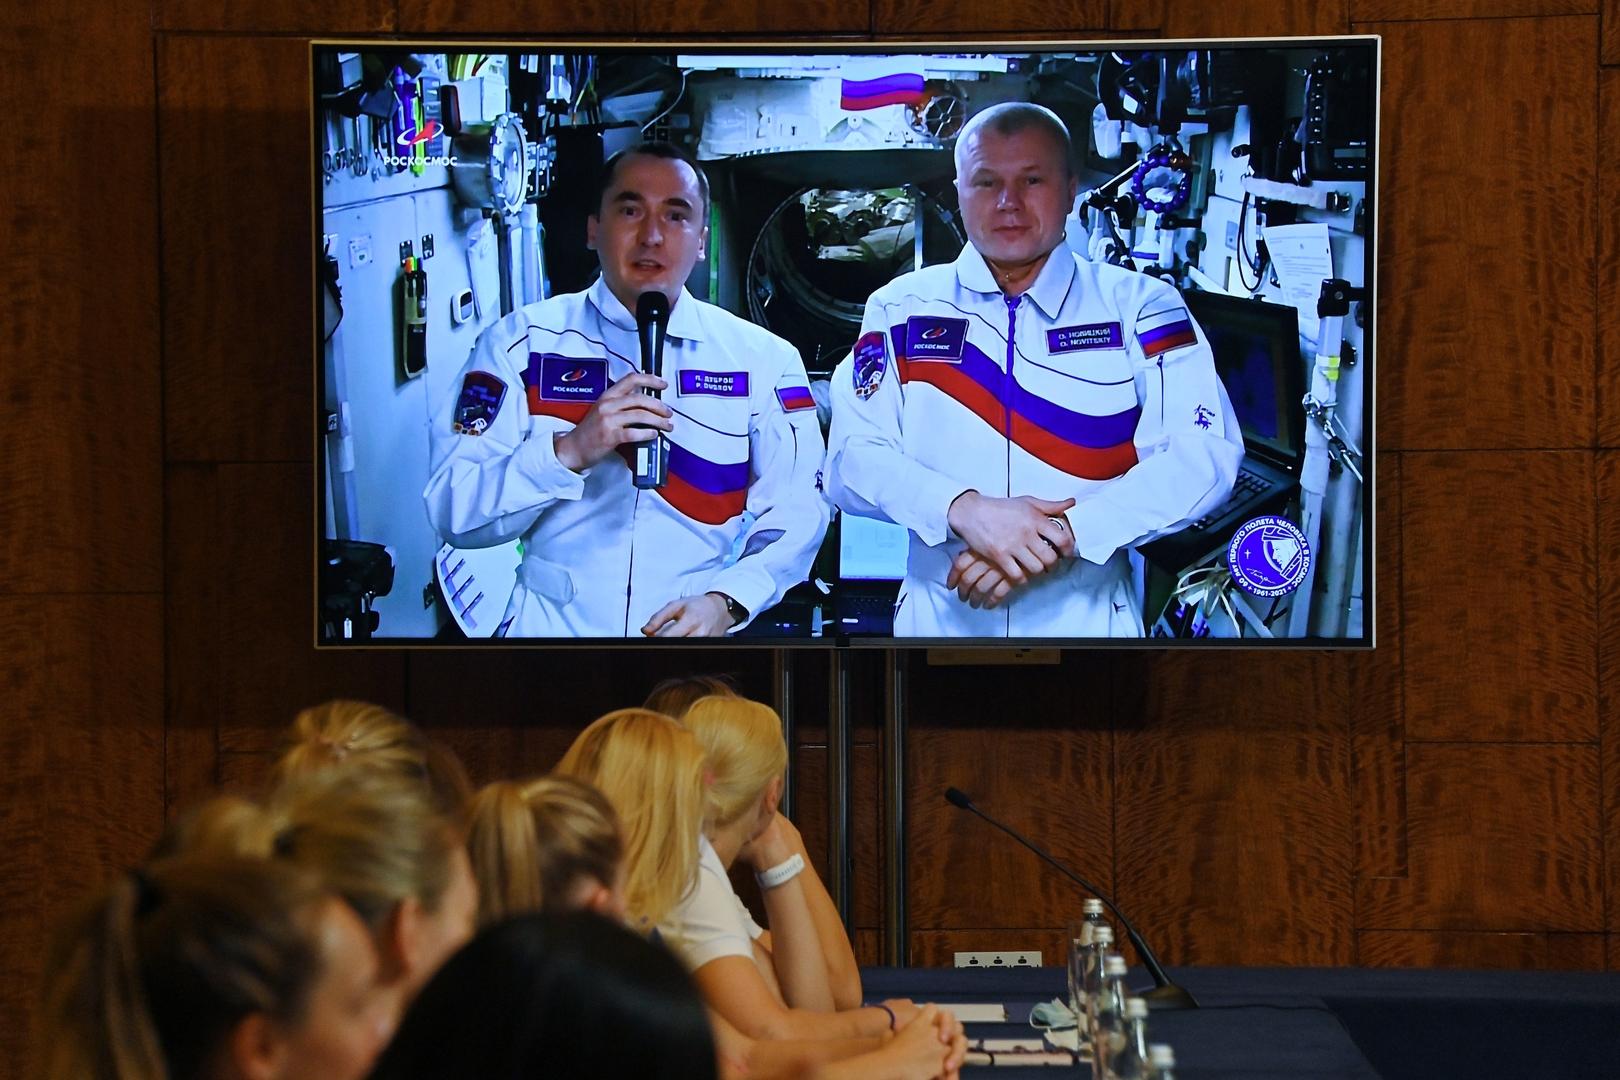 رائدا الفضاء الروسيان يصوتان في انتخابات الدوما من المحطة الفضائية الدولية